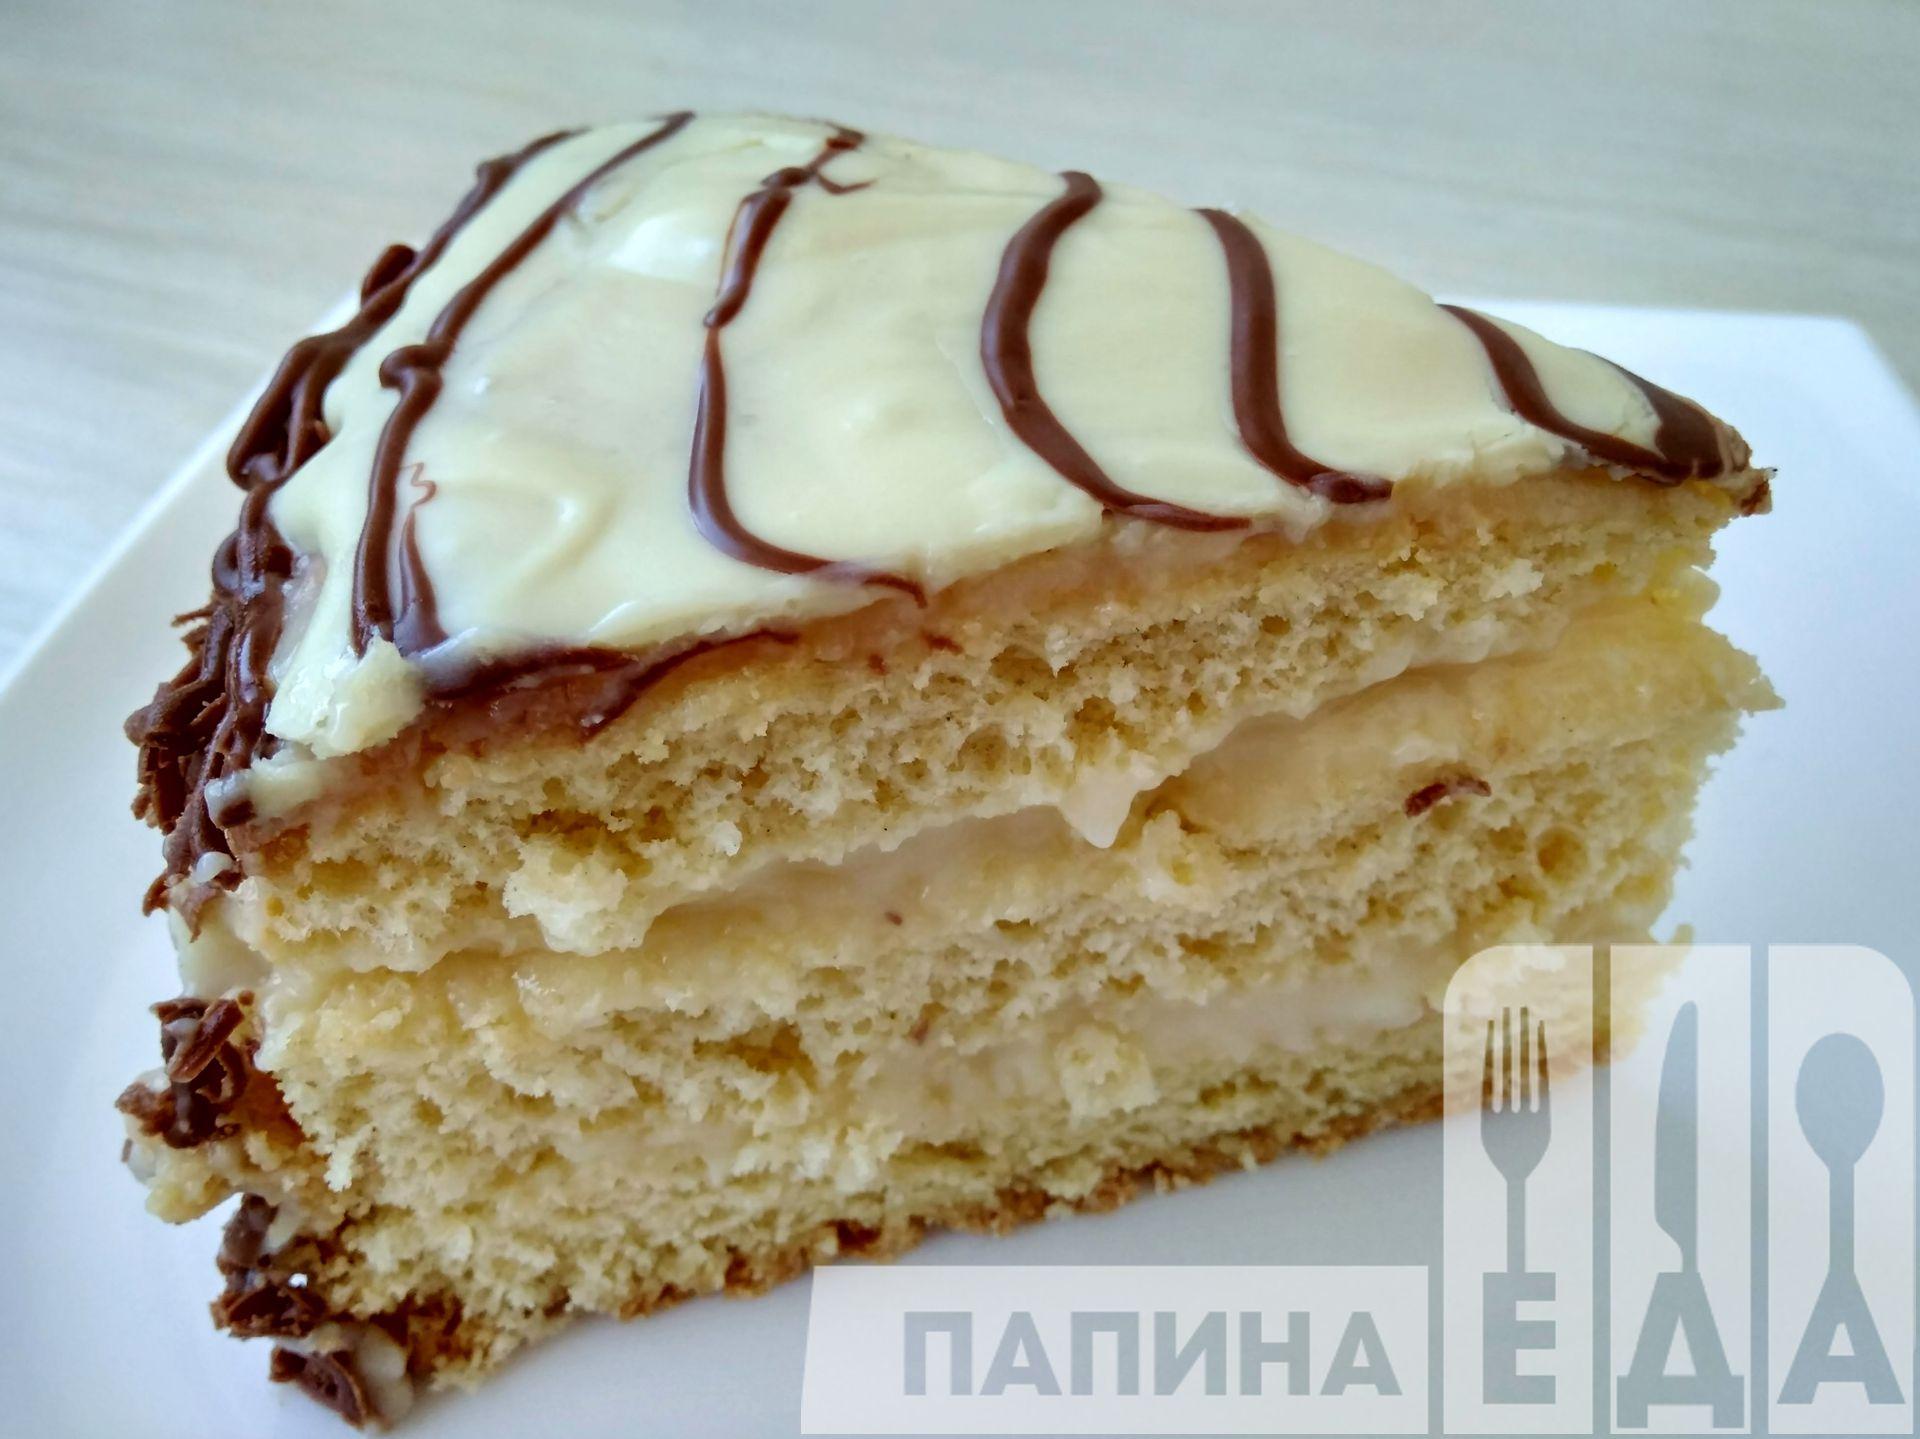 бисквитный торт с заварным кремом рецепт фото был